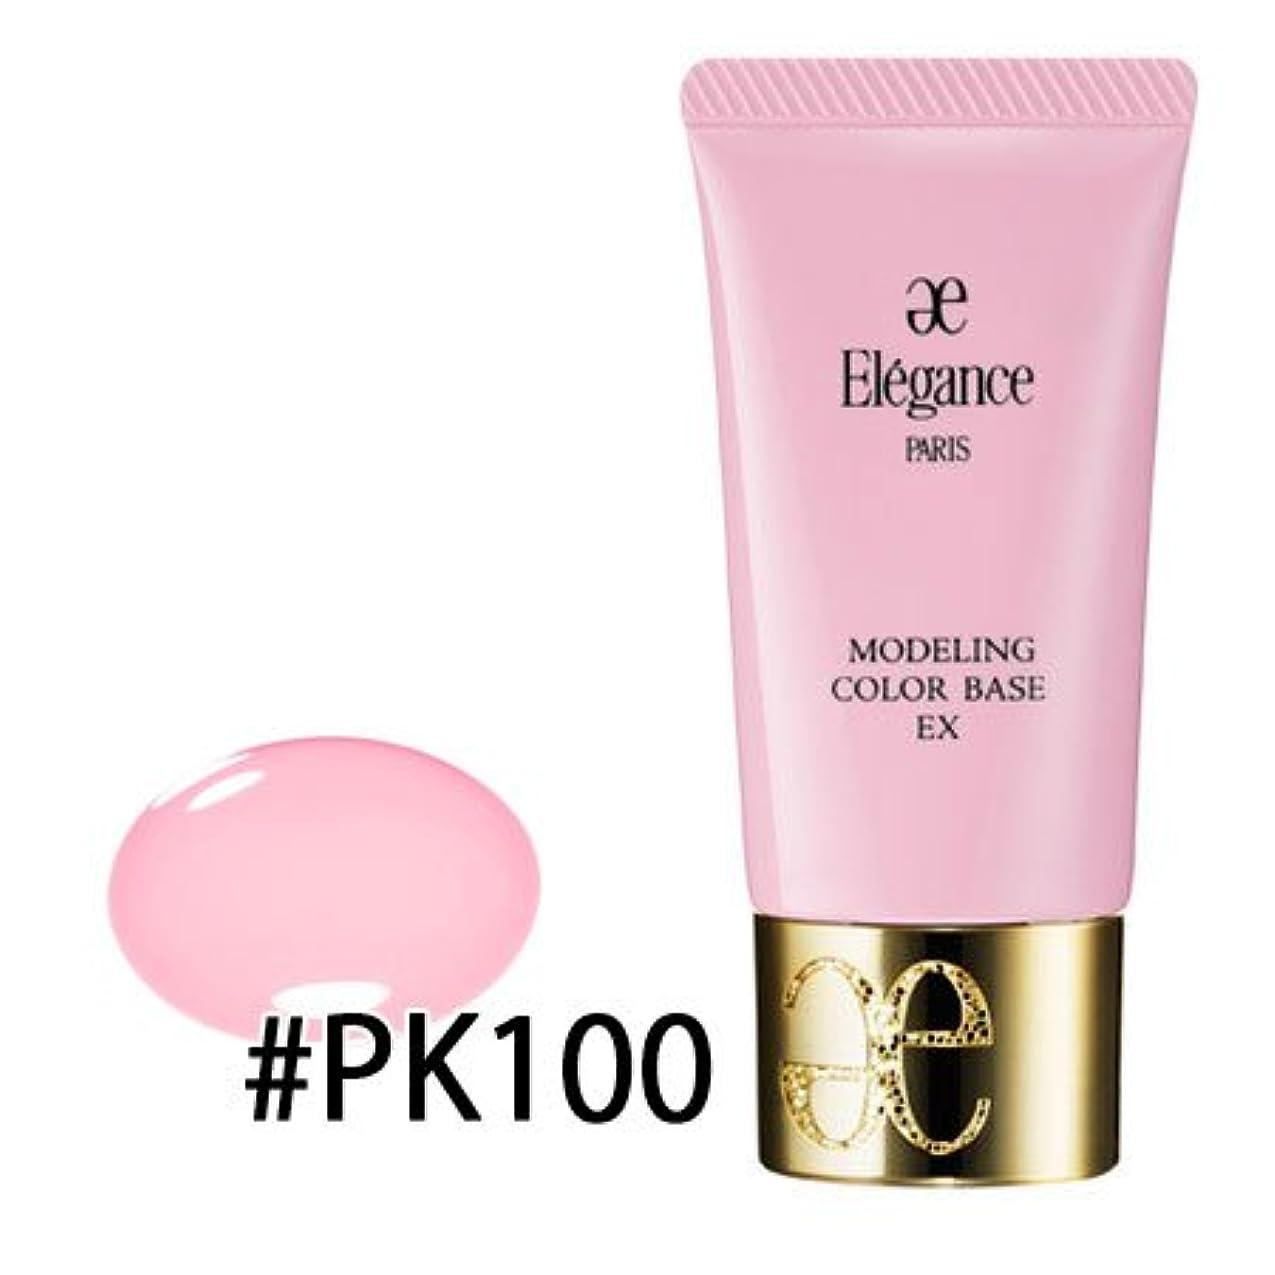 真っ逆さま単にサスペンションエレガンス モデリング カラーベース EX #PK100